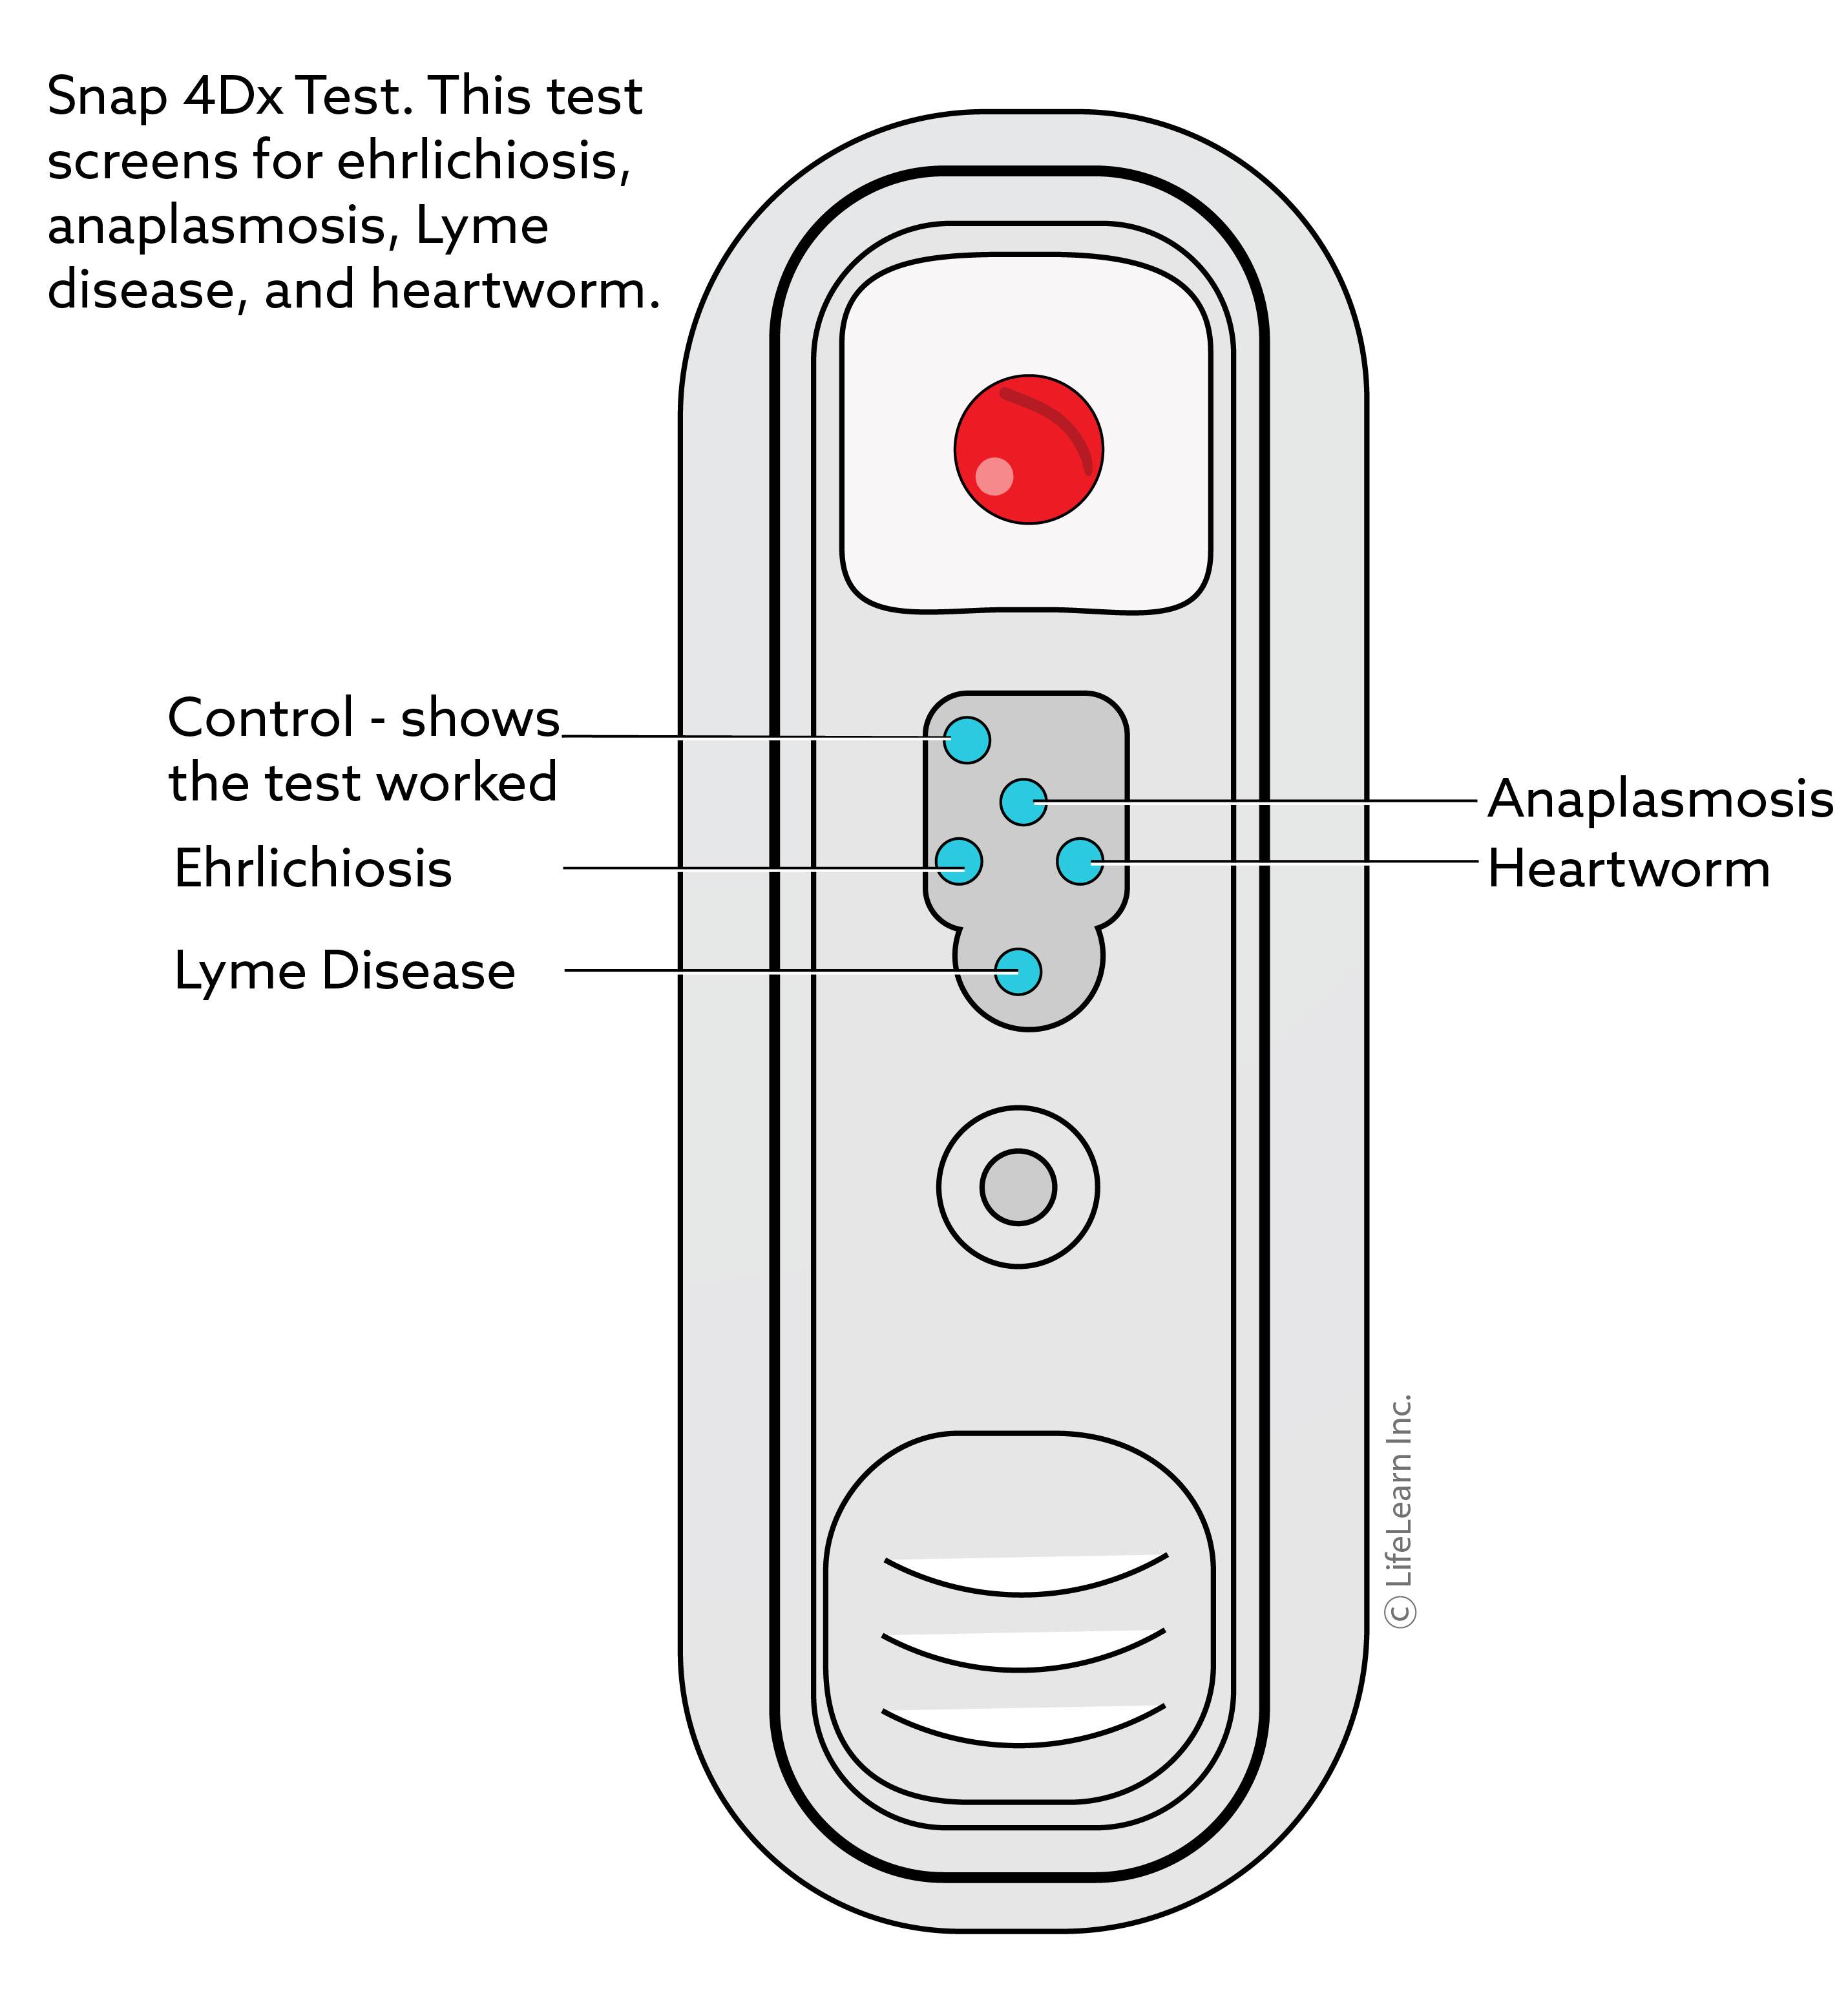 snap_4d_test_hw_lyme_ehrlichia_anaplasma